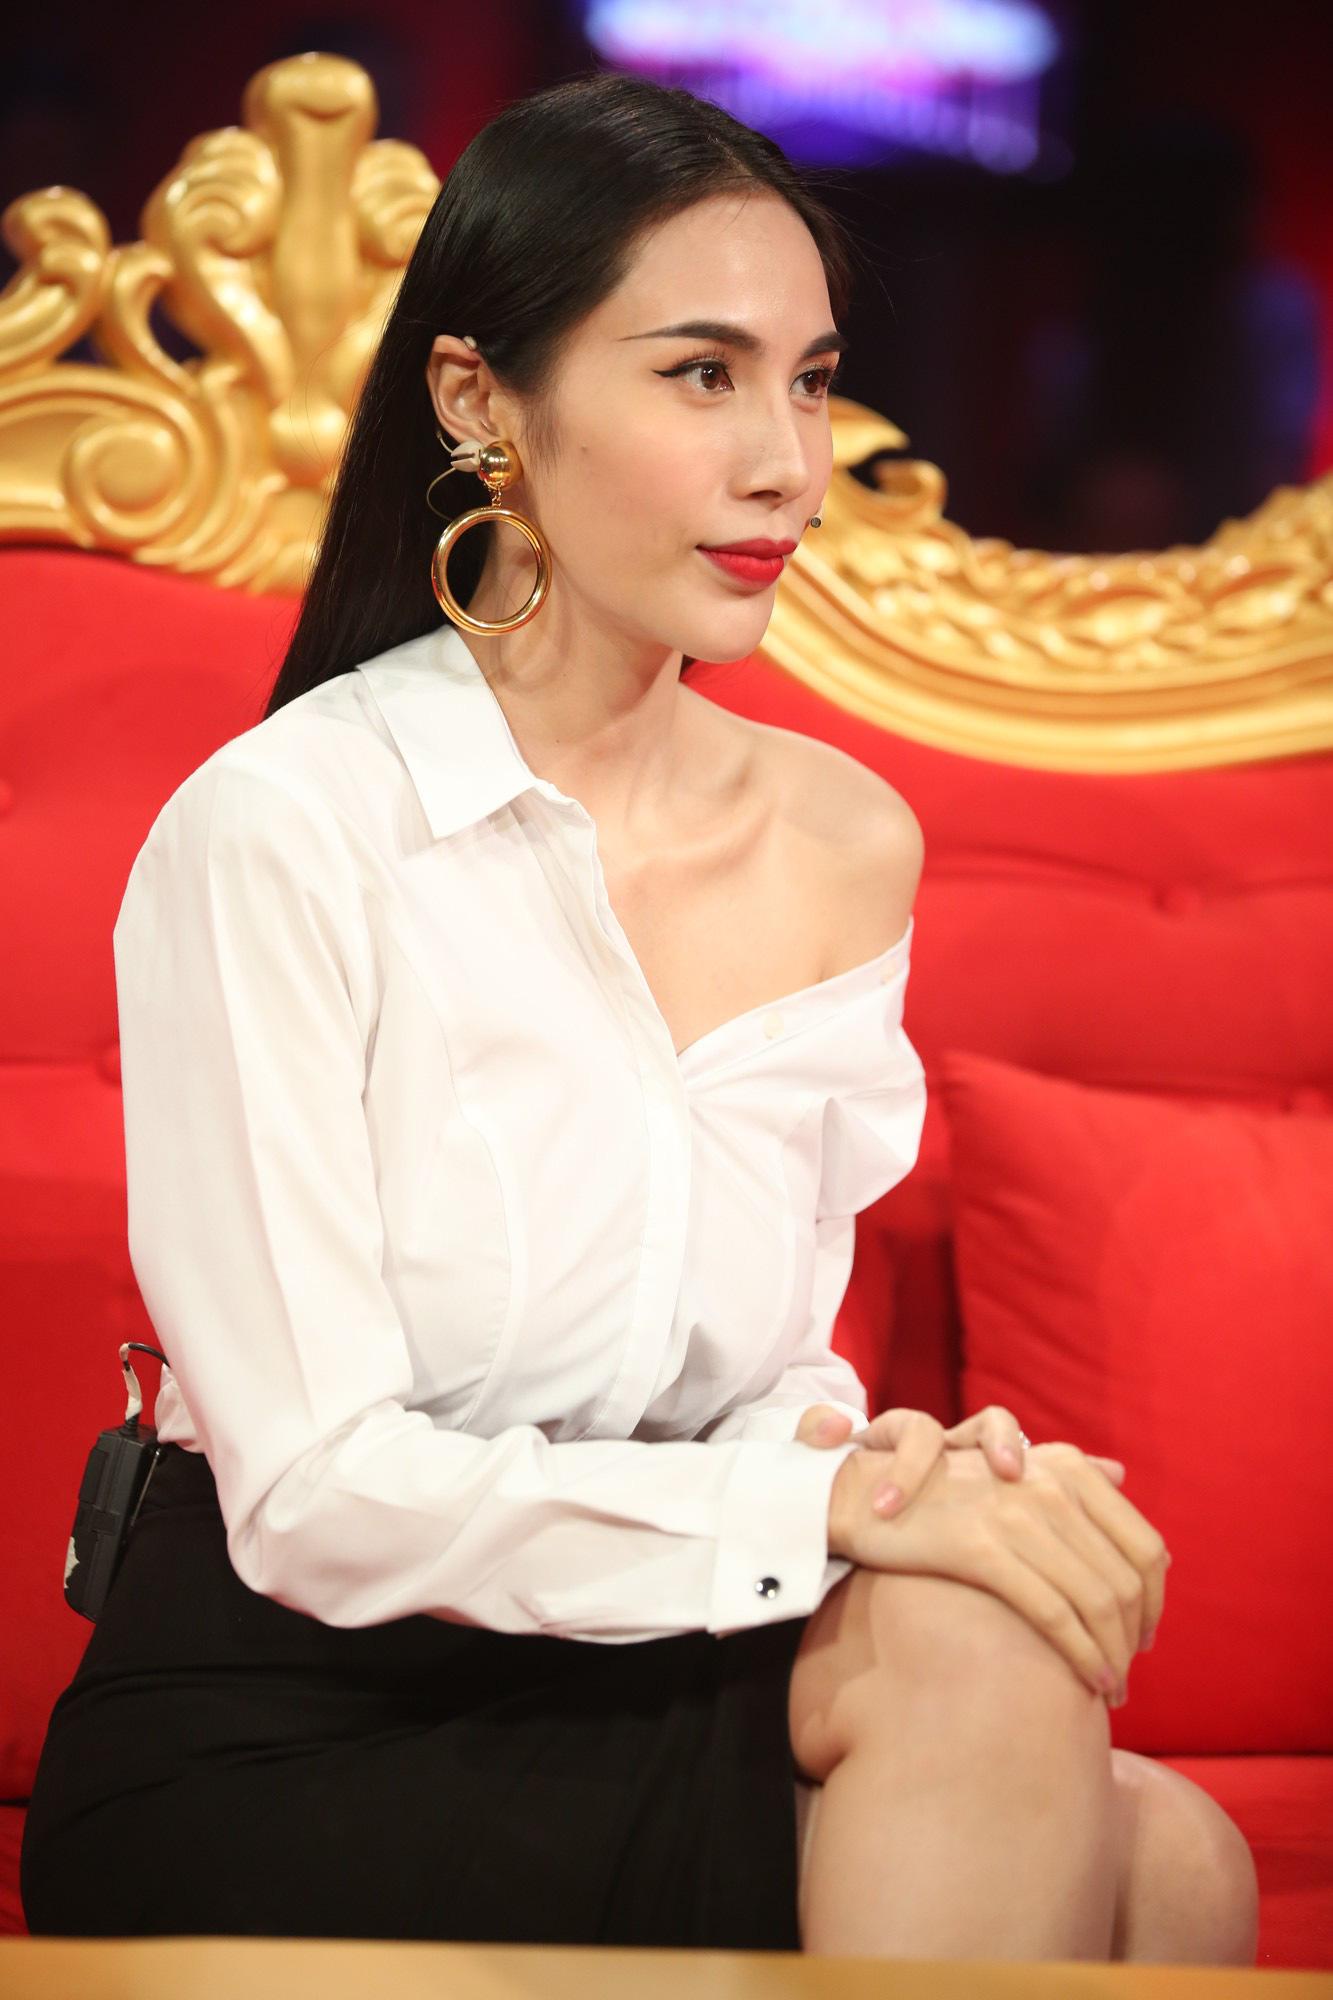 Thủy Tiên từng cho Công Vinh mượn tiền sinh sống khi túng thiếu, sự nghiệp đi xuống - Ảnh 3.